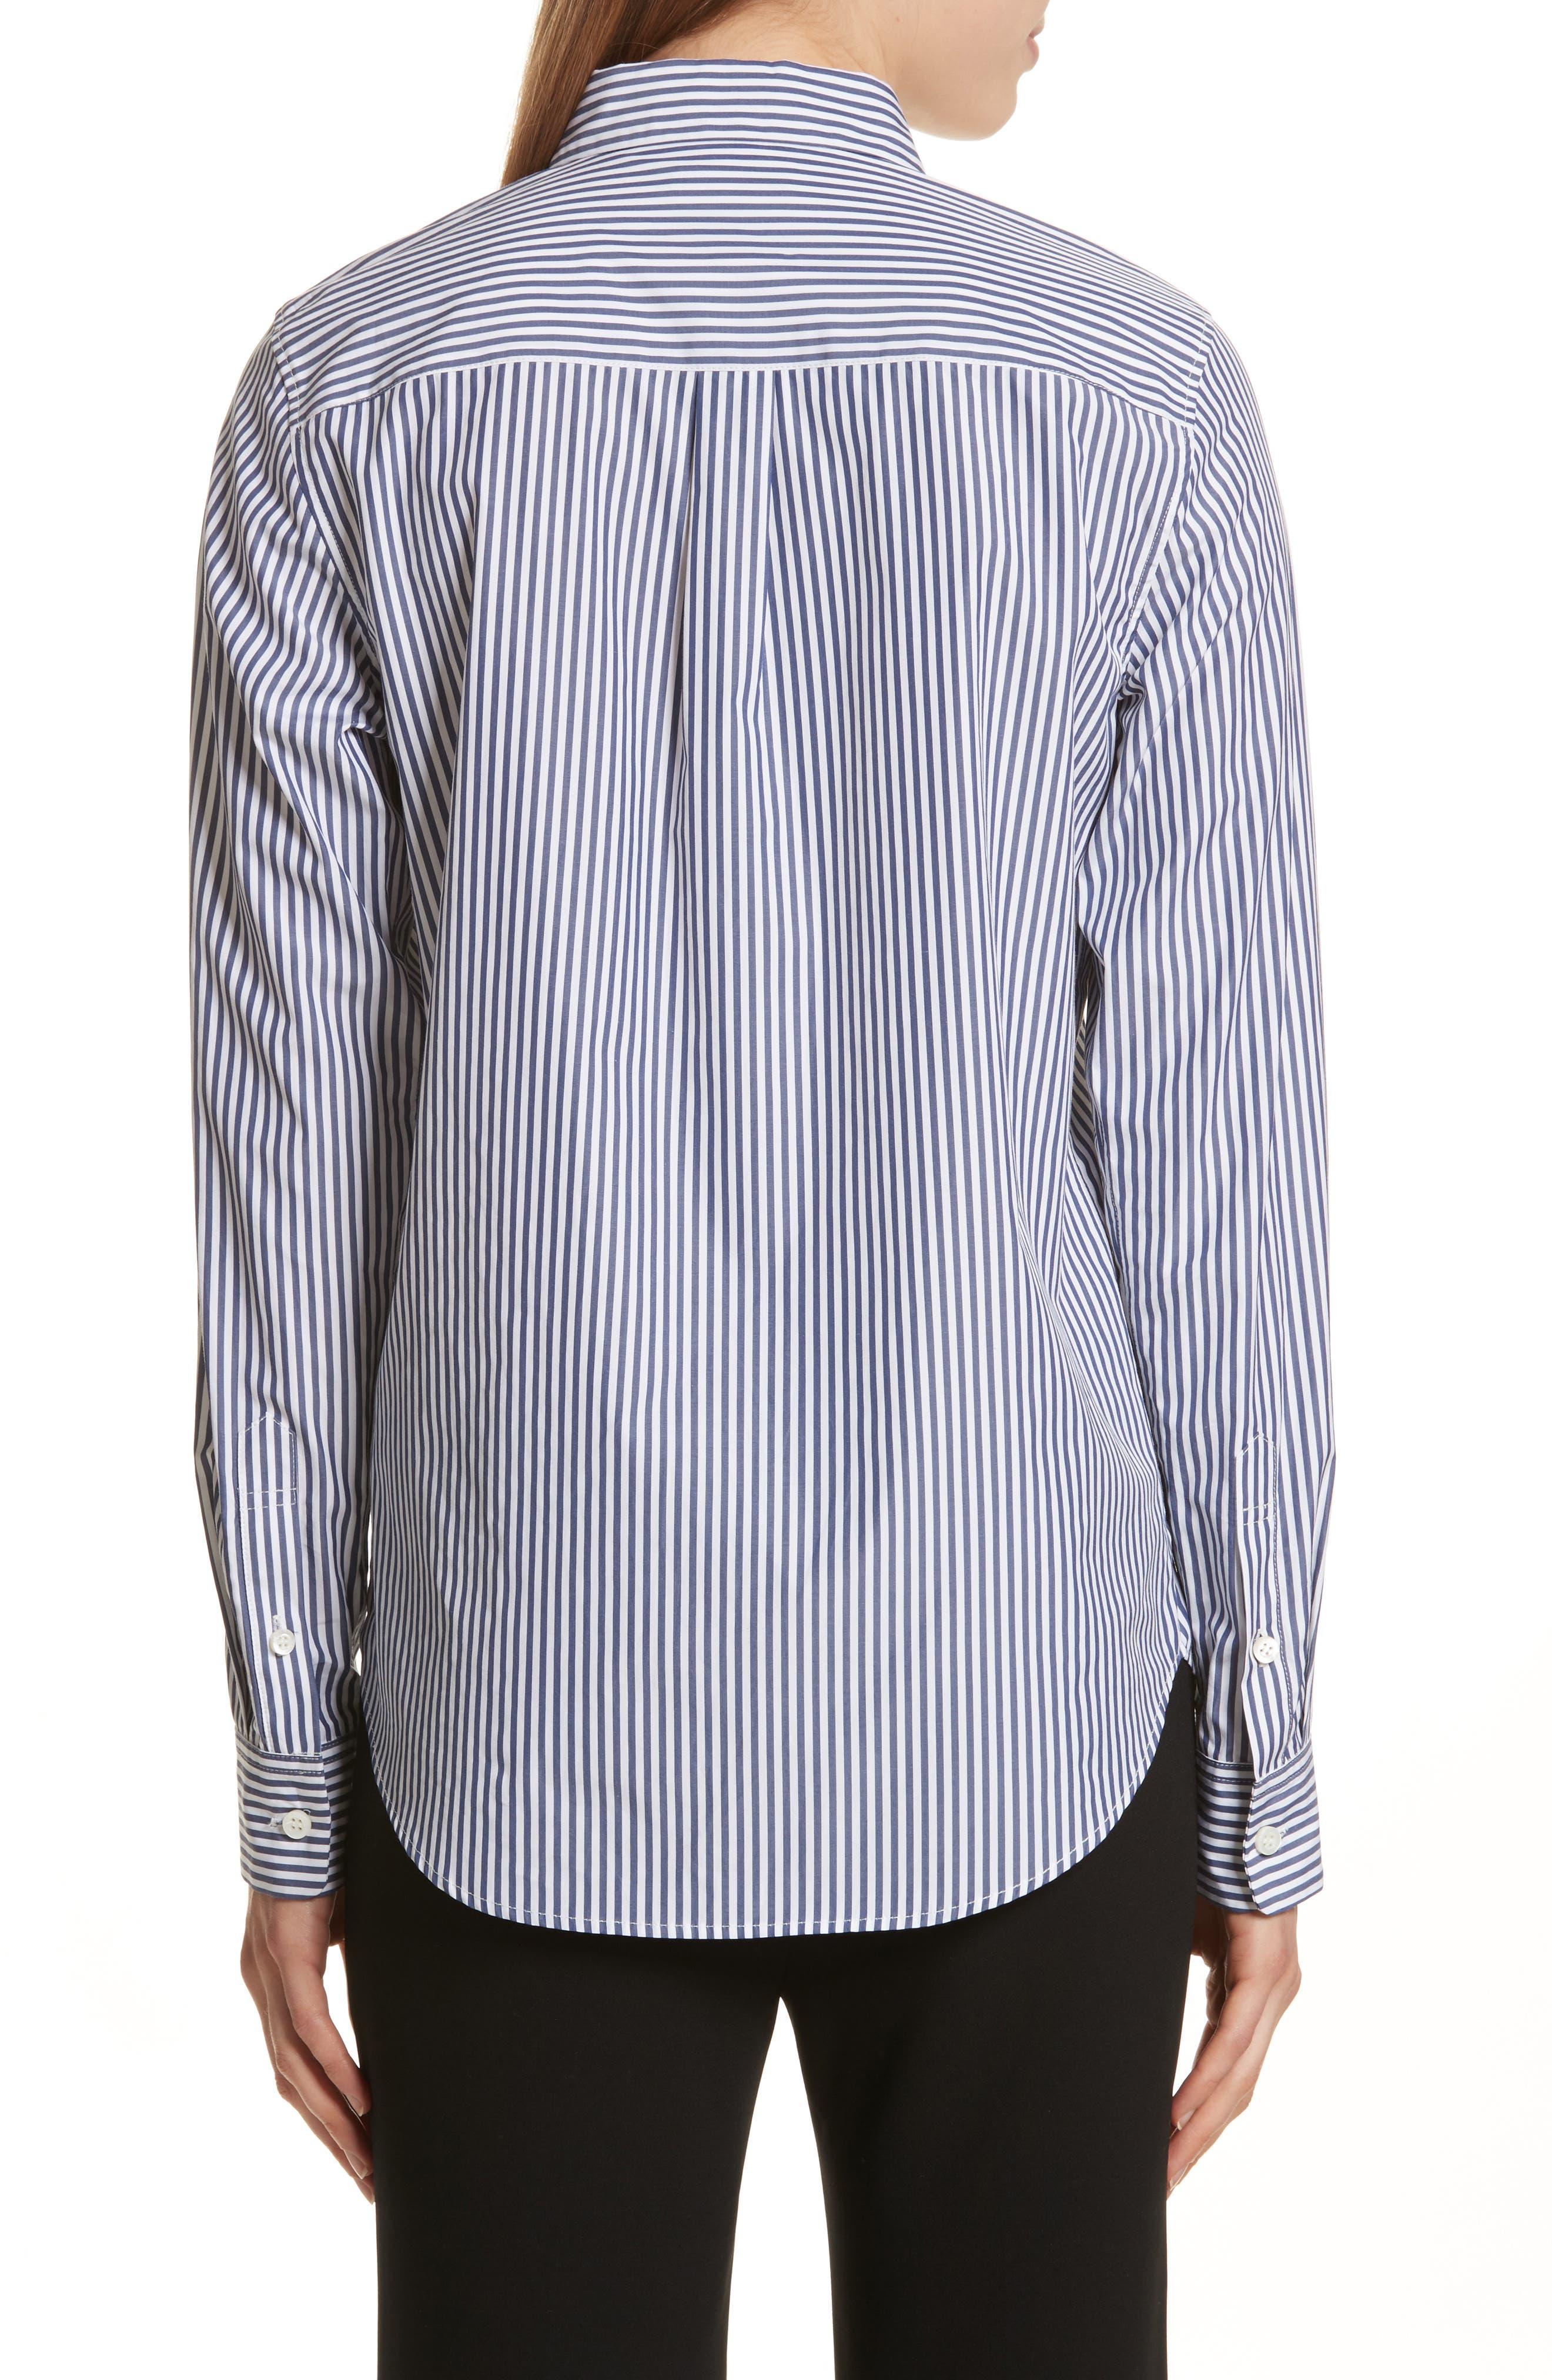 Essential Button Down Cotton Shirt,                             Alternate thumbnail 2, color,                             Blue/ White